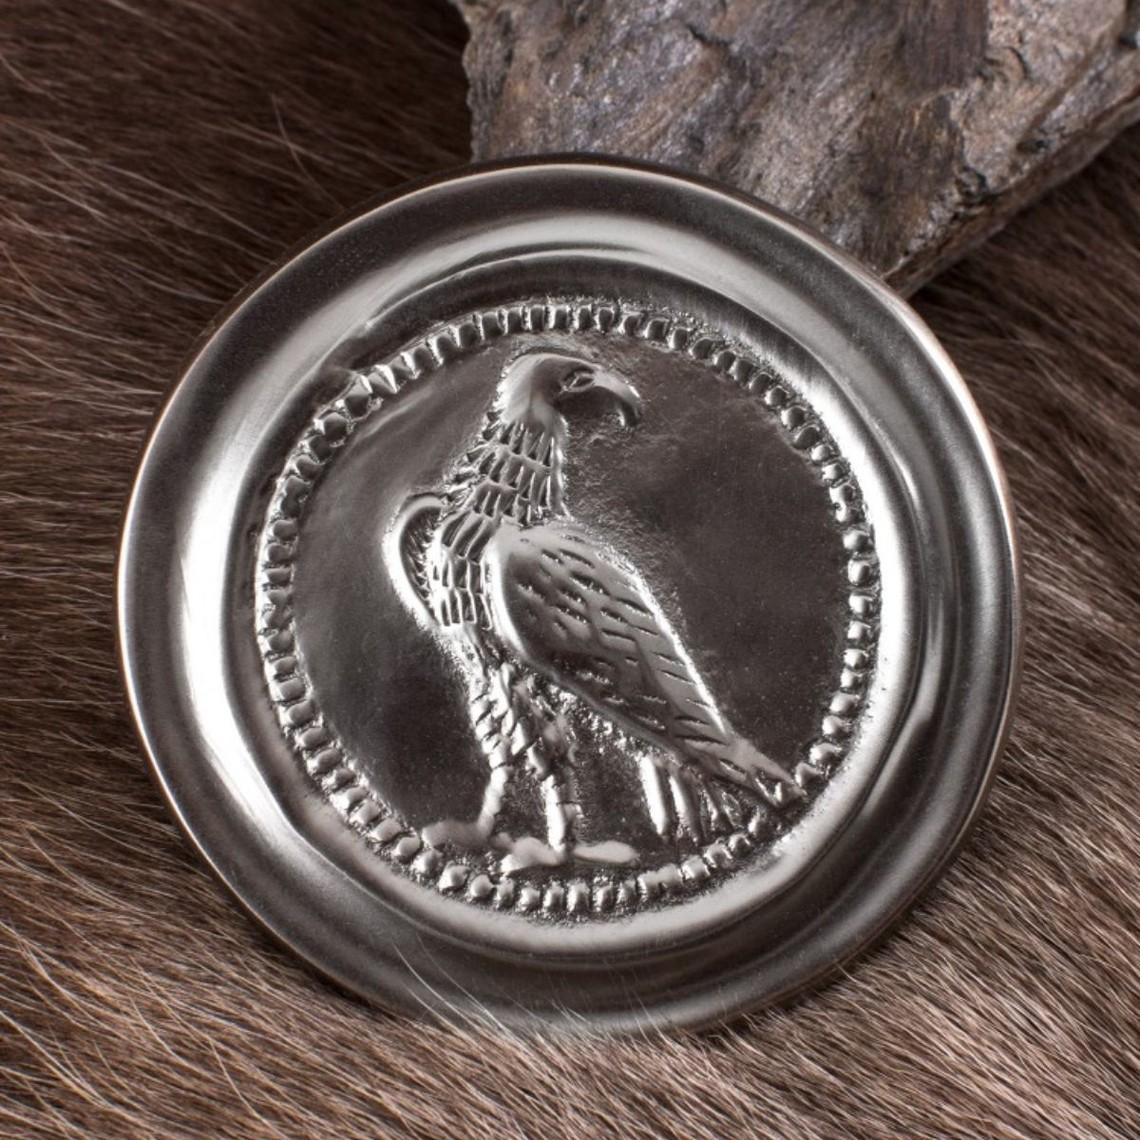 Deepeeka Roman phalera small eagle silver color